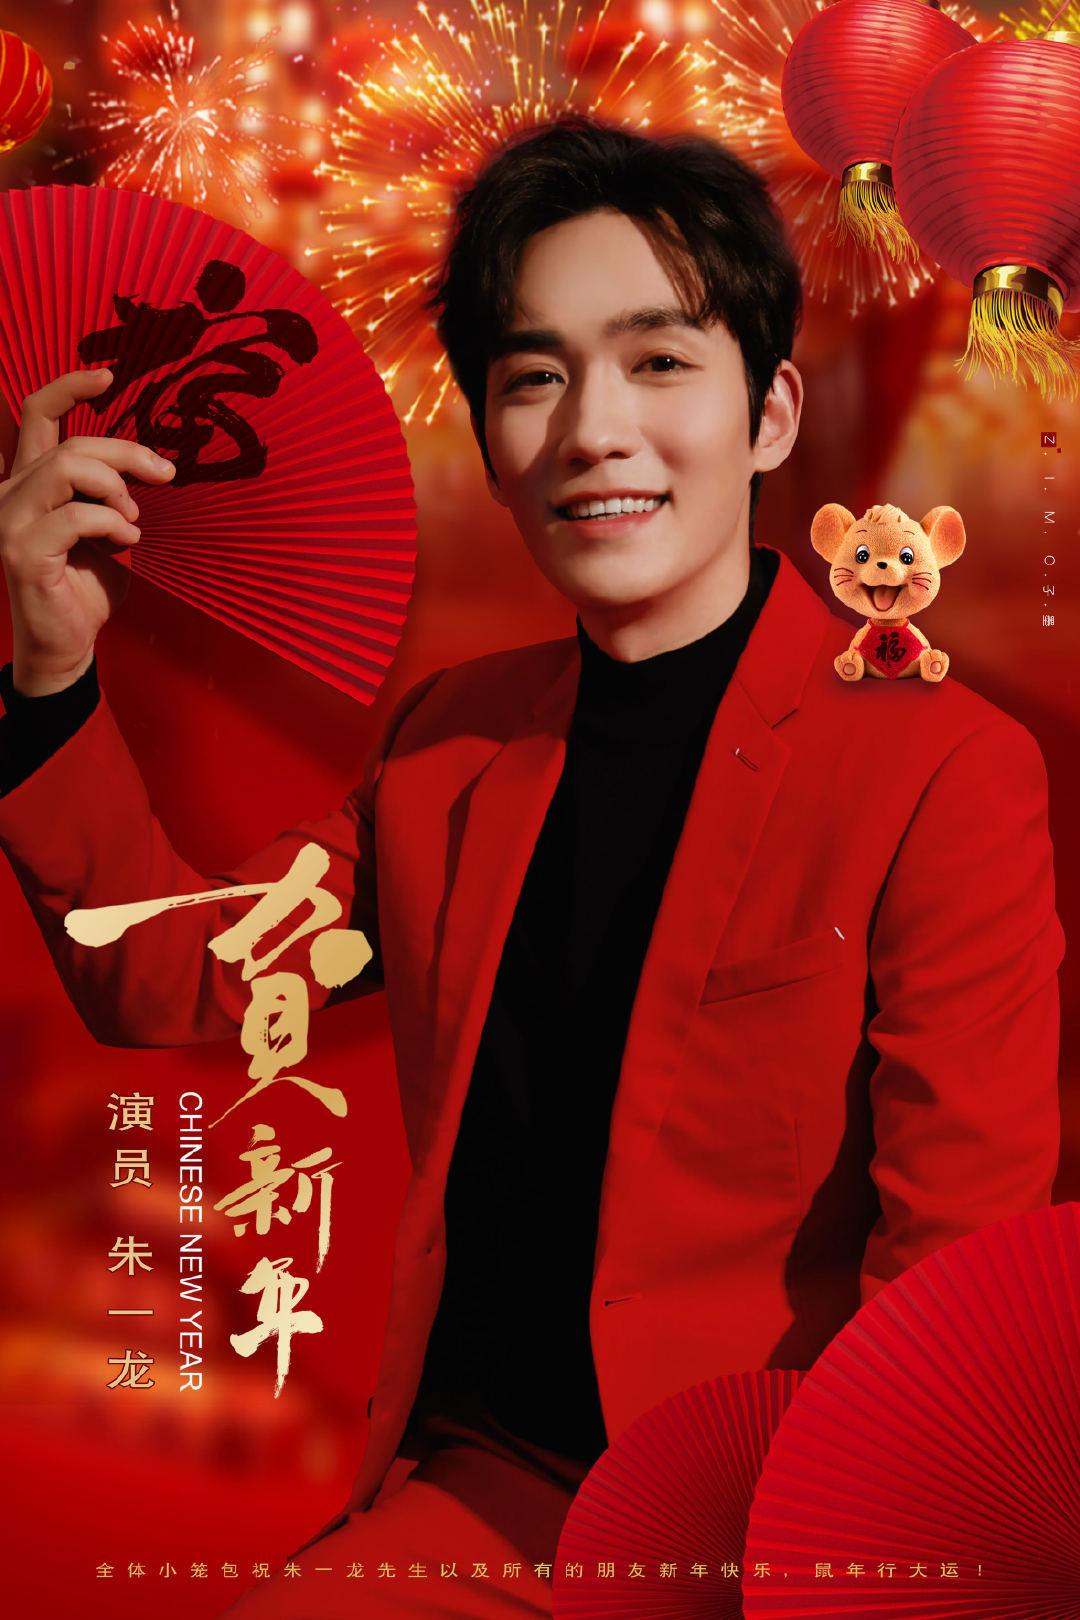 新年红红火火看朱一龙的表演,新年希望所有人都平安健康